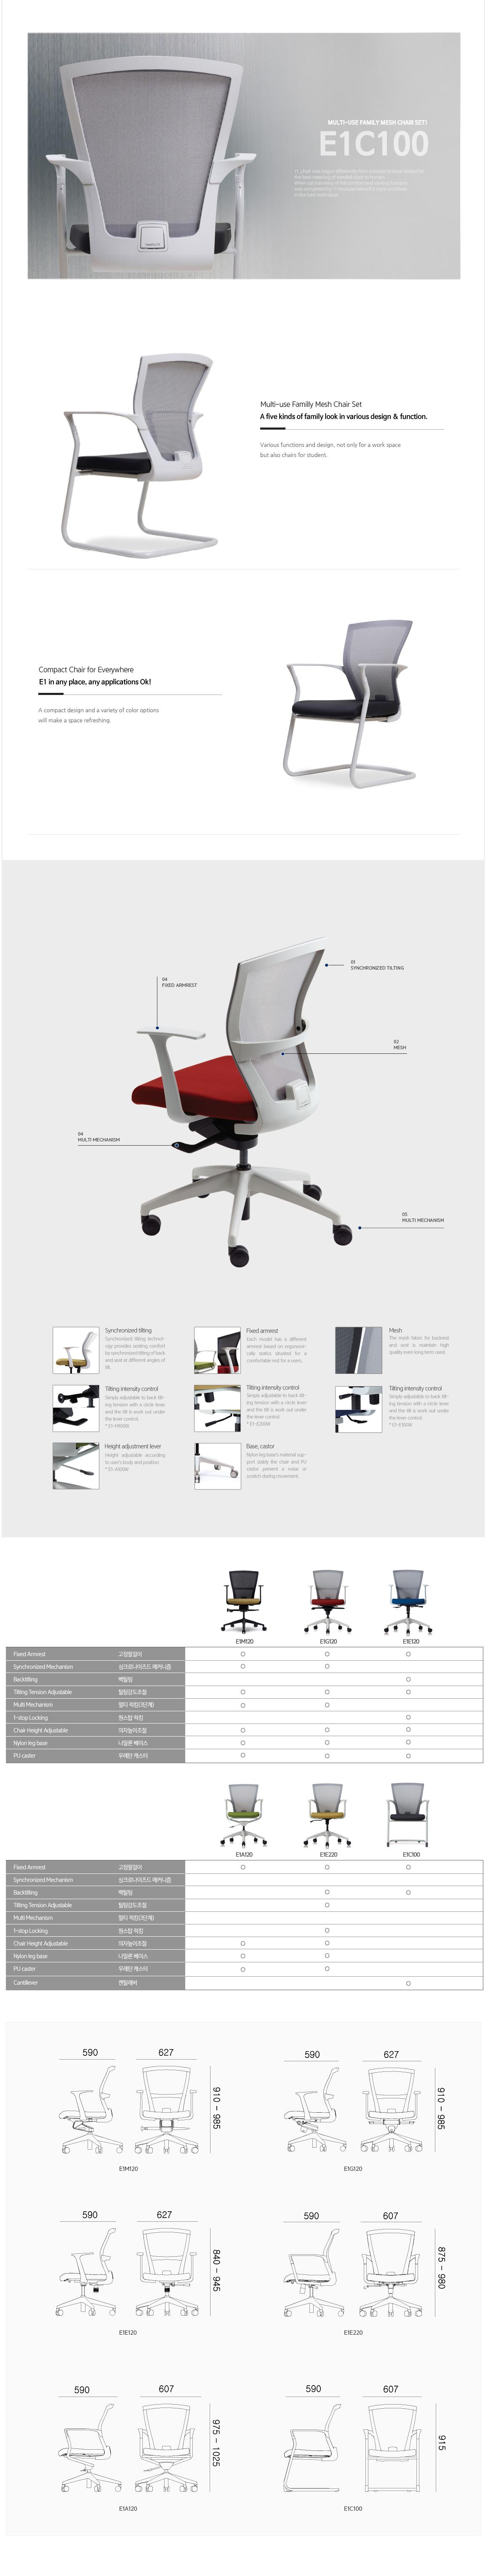 Luxdezine Multipurpose Chairs E1C100